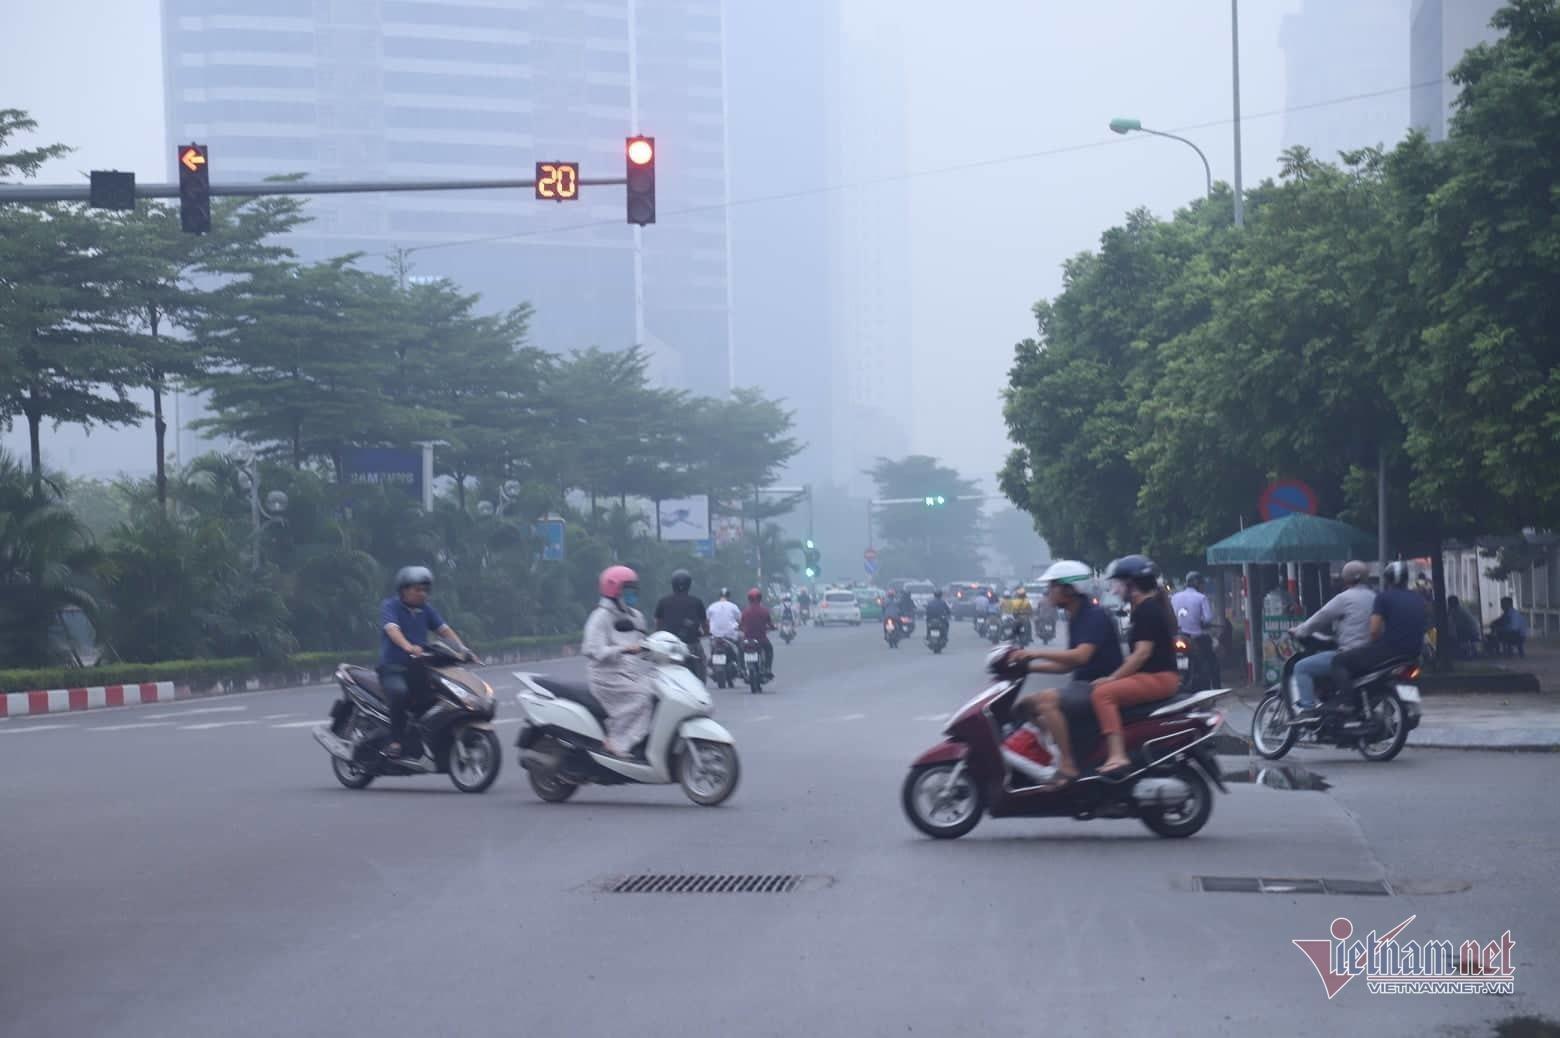 Sương mù giăng phủ Hà Nội, cao ốc mất hút Ảnh 10